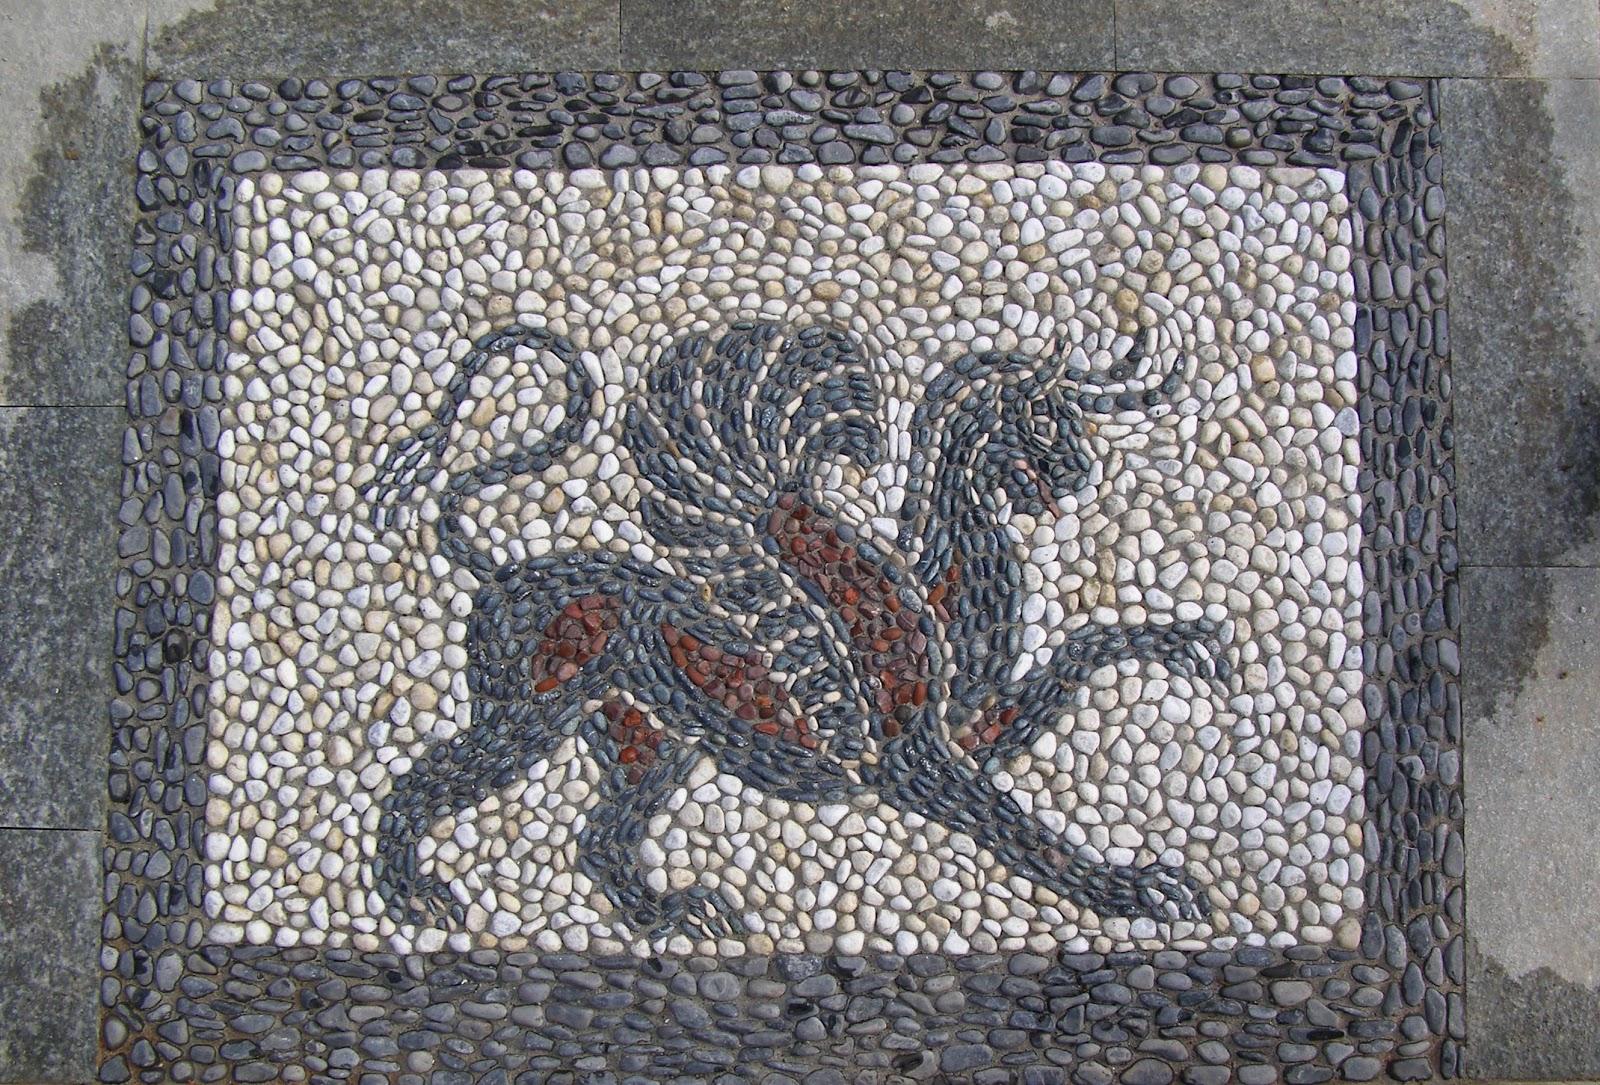 Il Mosaico di ciottoli del Laboratorio Musivarius I nuovi